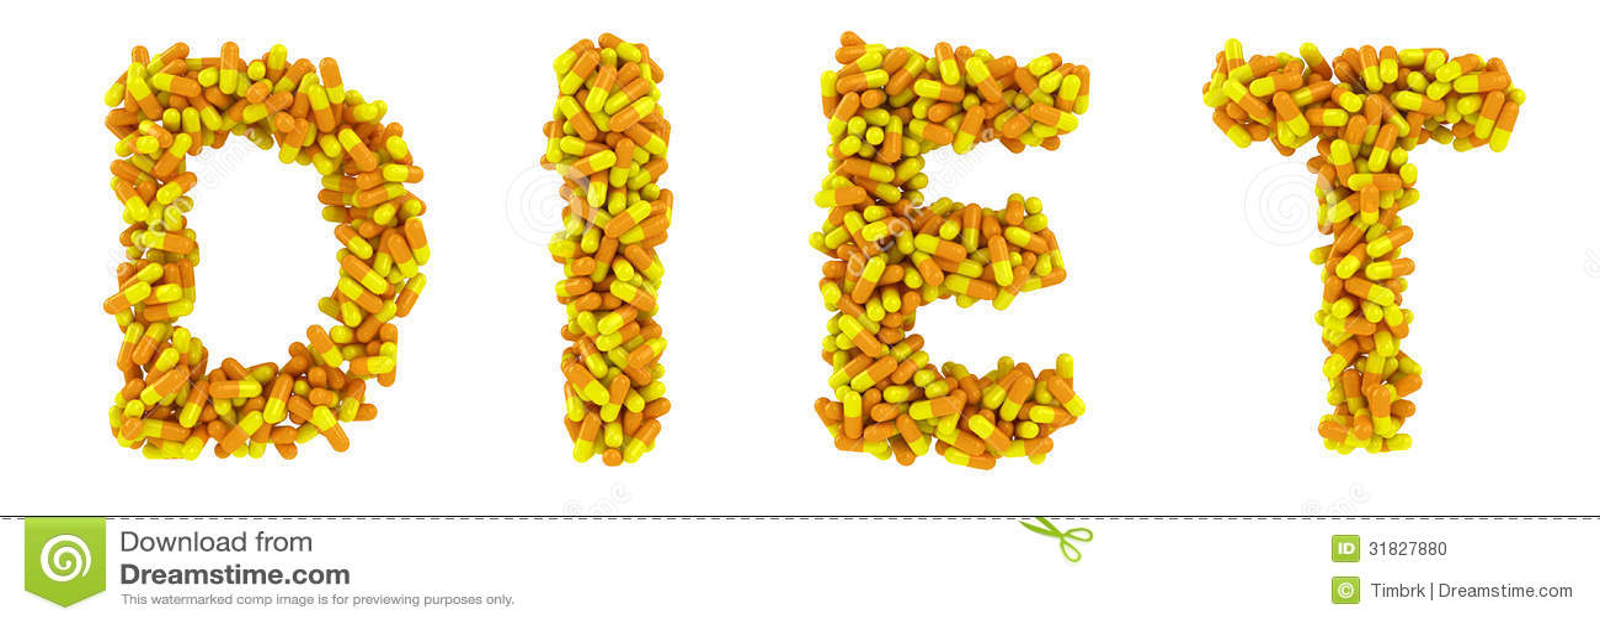 Diet Stock Photo Image 31827880